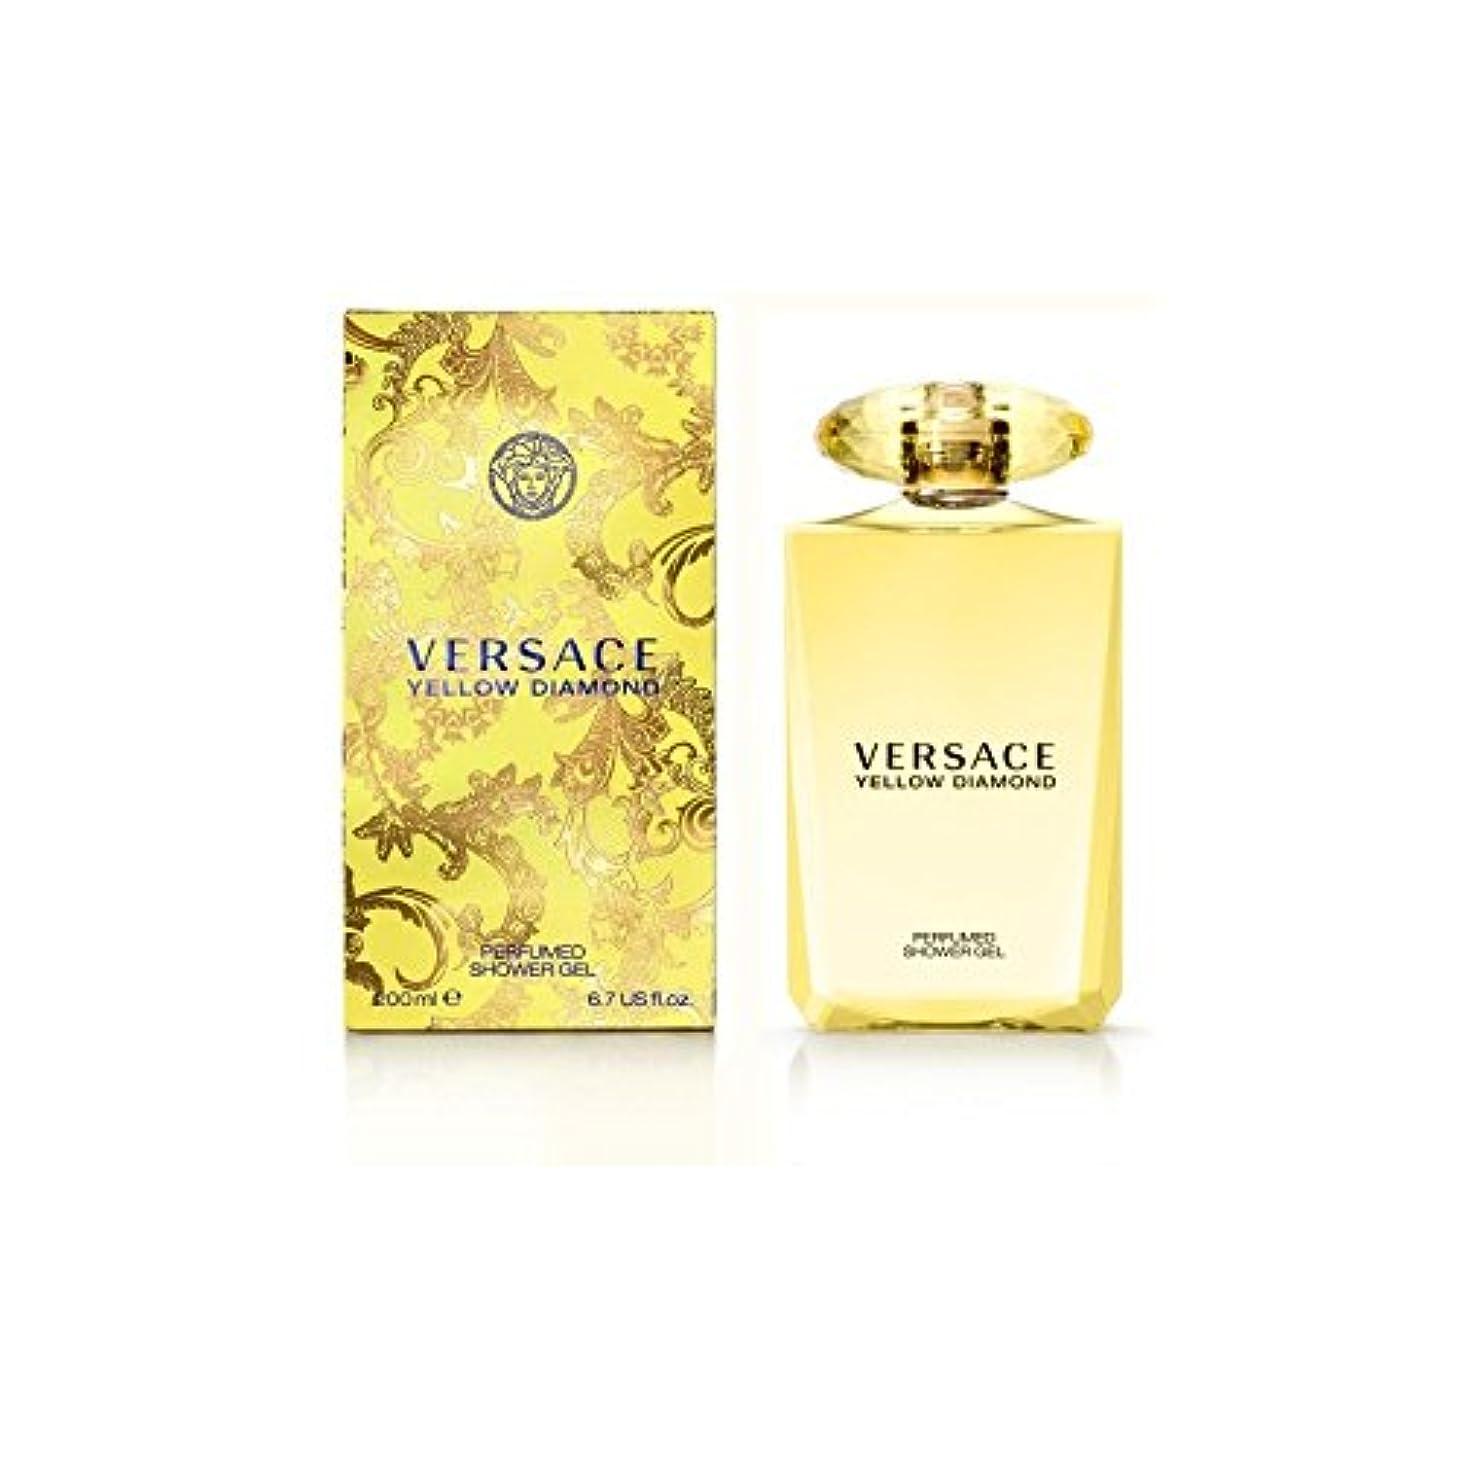 生き物加害者告発者ヴェルサーチ黄色のダイヤモンドバス&シャワージェル200 x4 - Versace Yellow Diamond Bath & Shower Gel 200ml (Pack of 4) [並行輸入品]